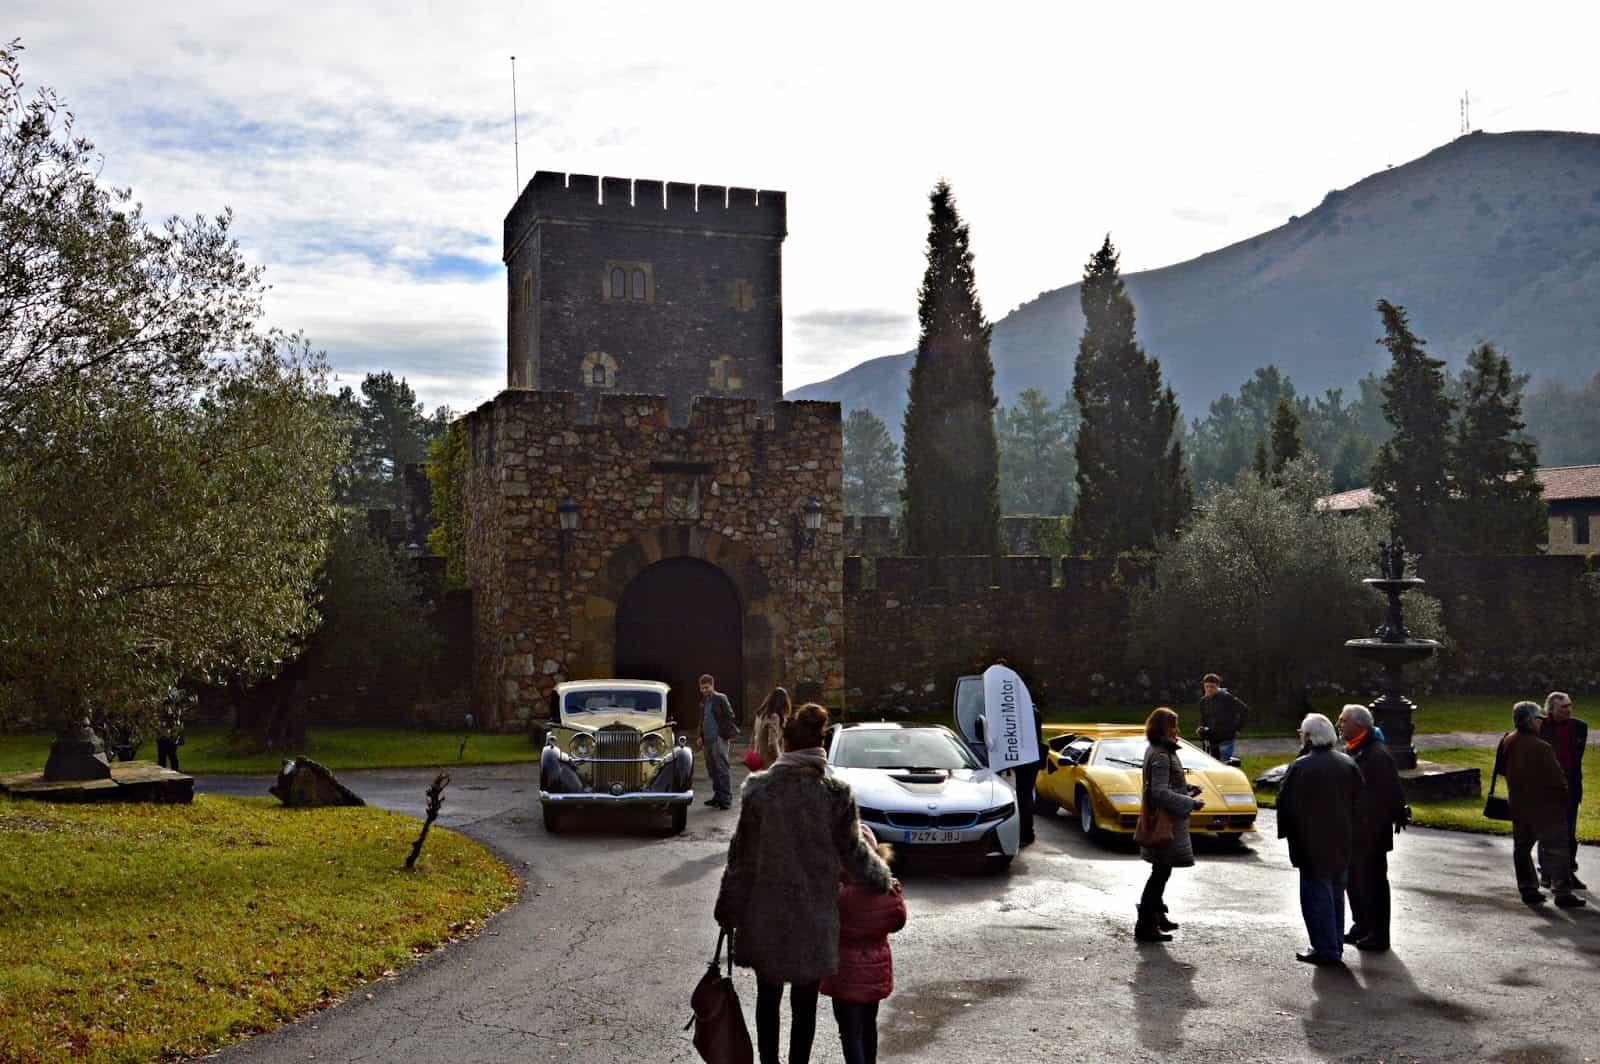 La Carroza de Cenicienta y mucho más en la Torre de Loizaga Bizkaia